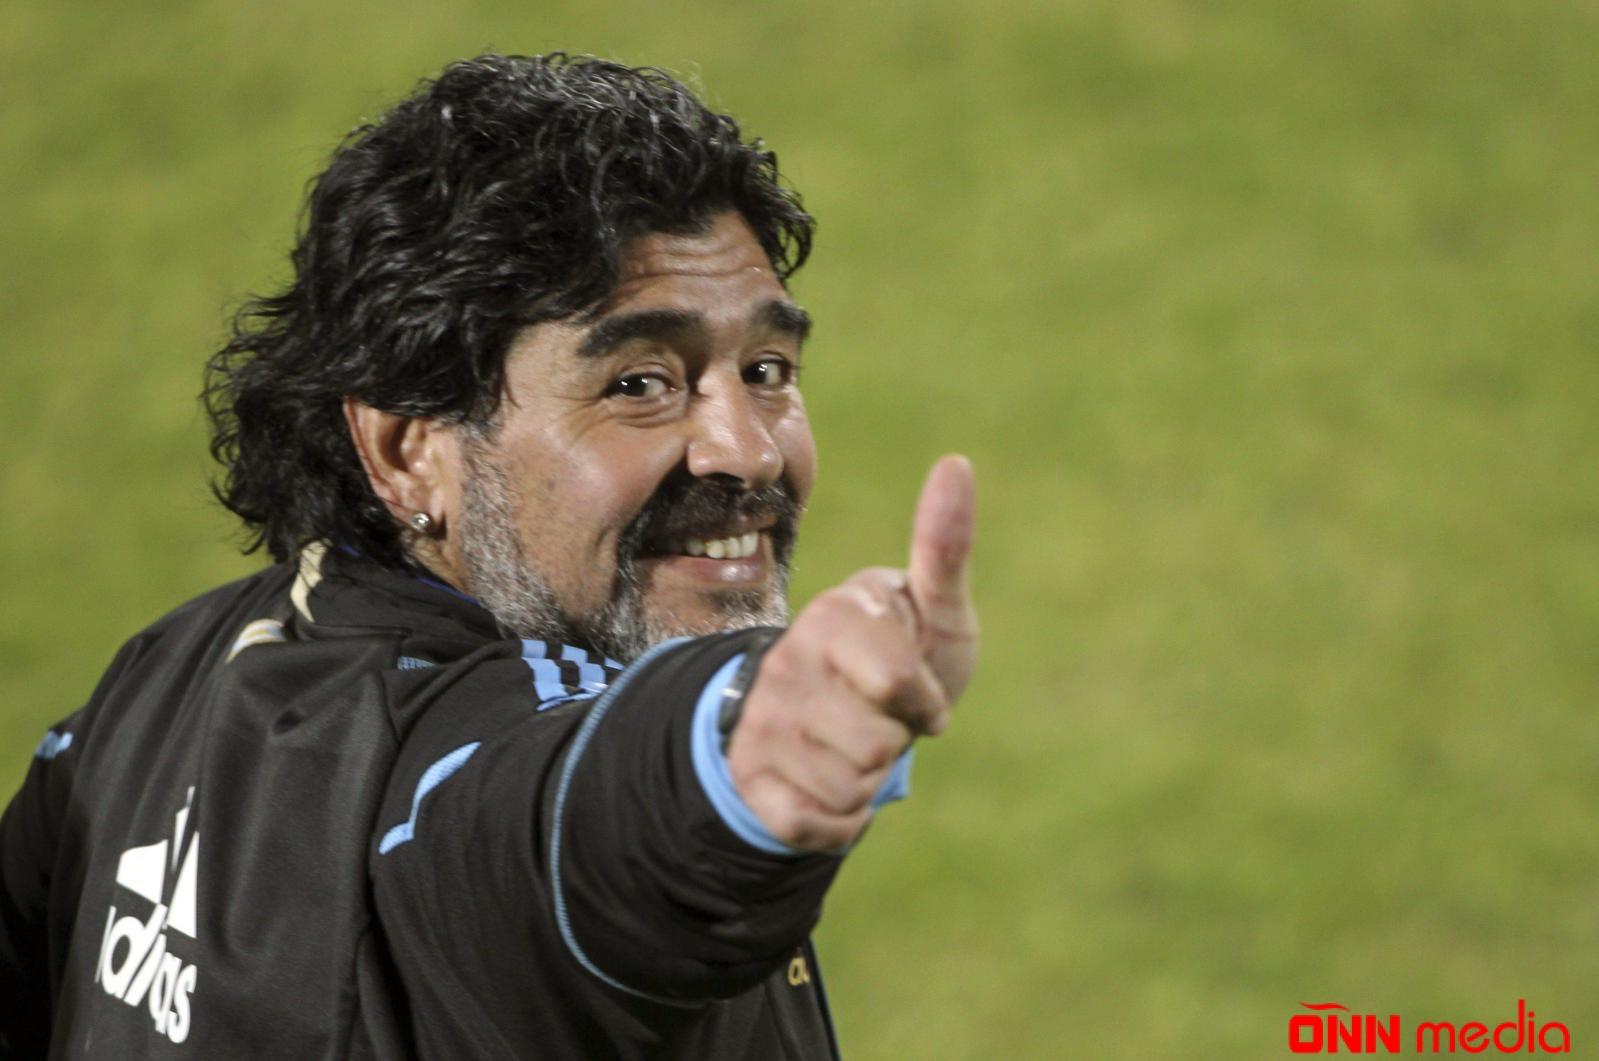 Maradonanın bədəni mumyalaşdırılacaq – VƏSİYYƏT